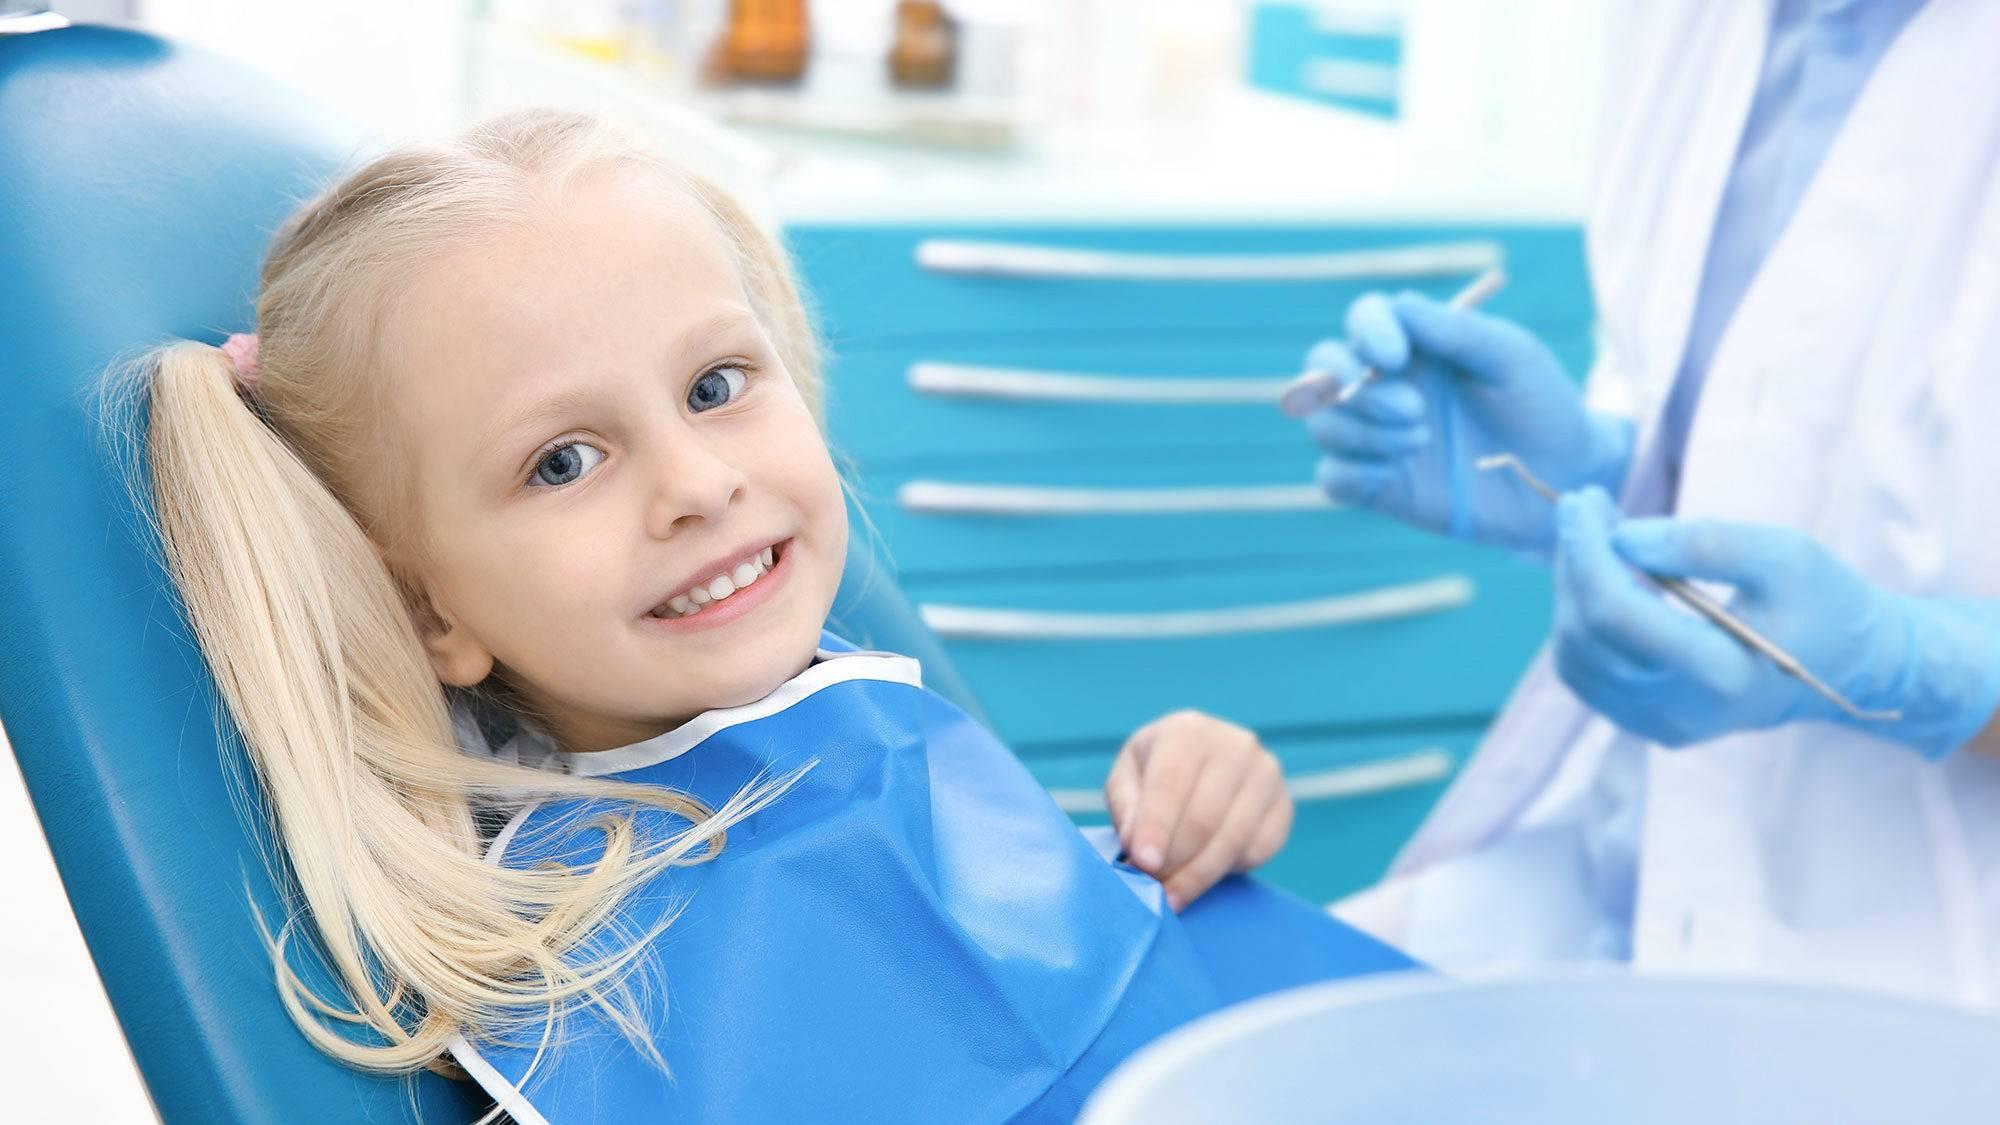 Зачем нужно посеребрение молочных зубов у ребенка: в каких случаях применяется данный метод и что говорит комаровский?